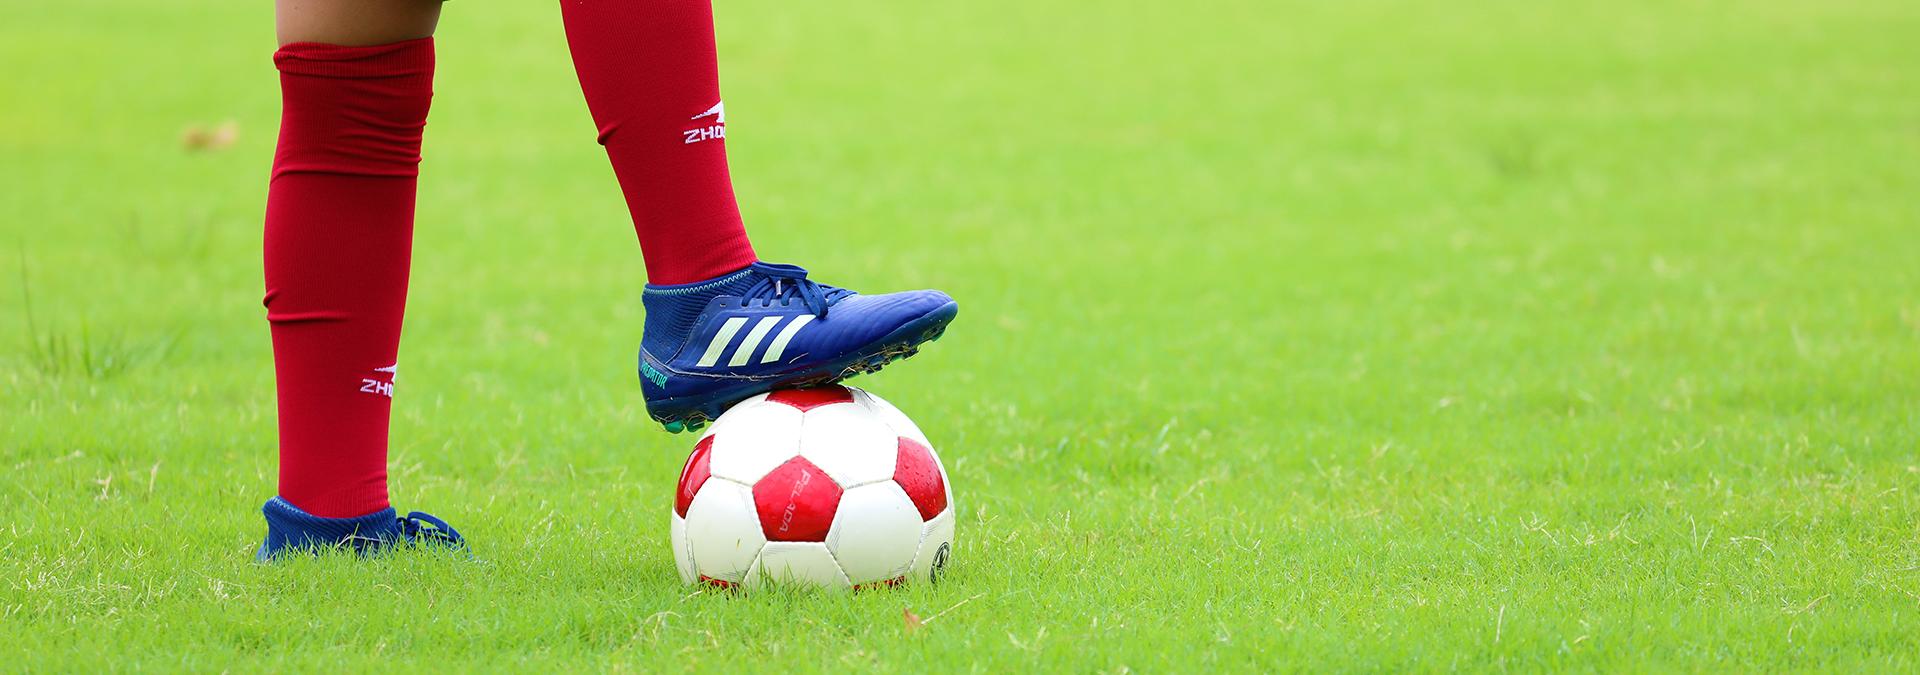 FC LORE -最高の物語を共に描こう- サッカーを心から楽しむ場所